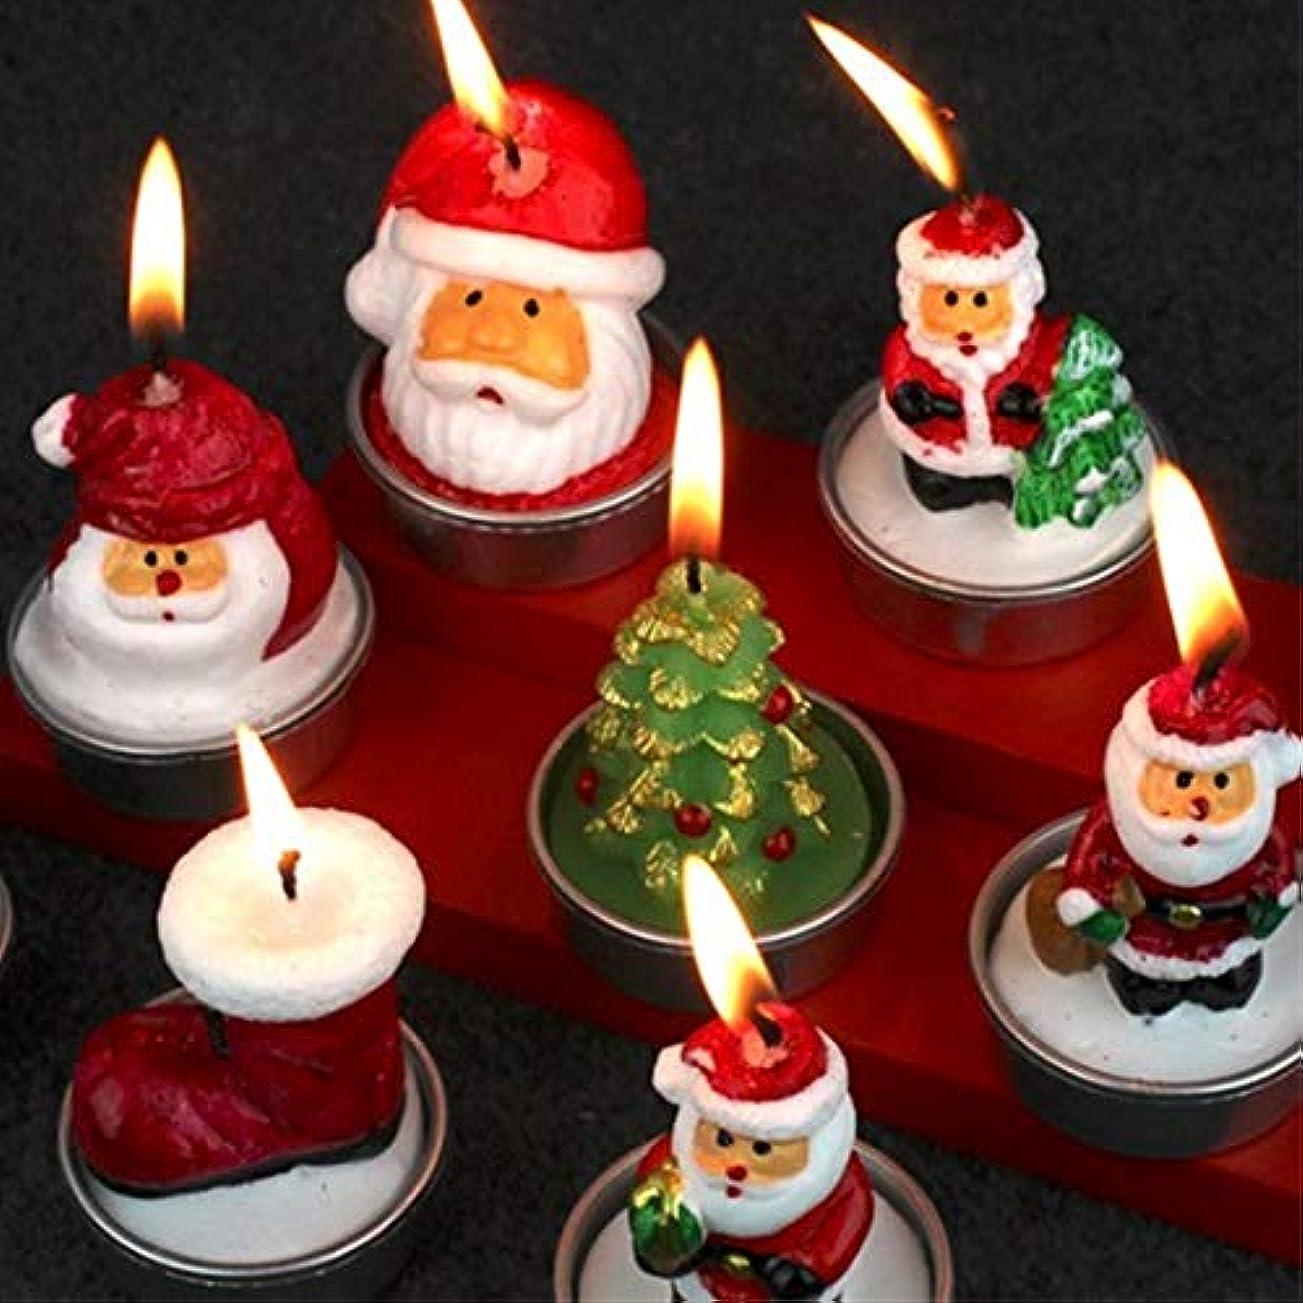 アリーナ名前で陰気Labos 家族の休日の装飾パーティーの装飾新年の装飾用品に使用クリスマスサンタクロースクリスマスキャンドル、ランダム配信